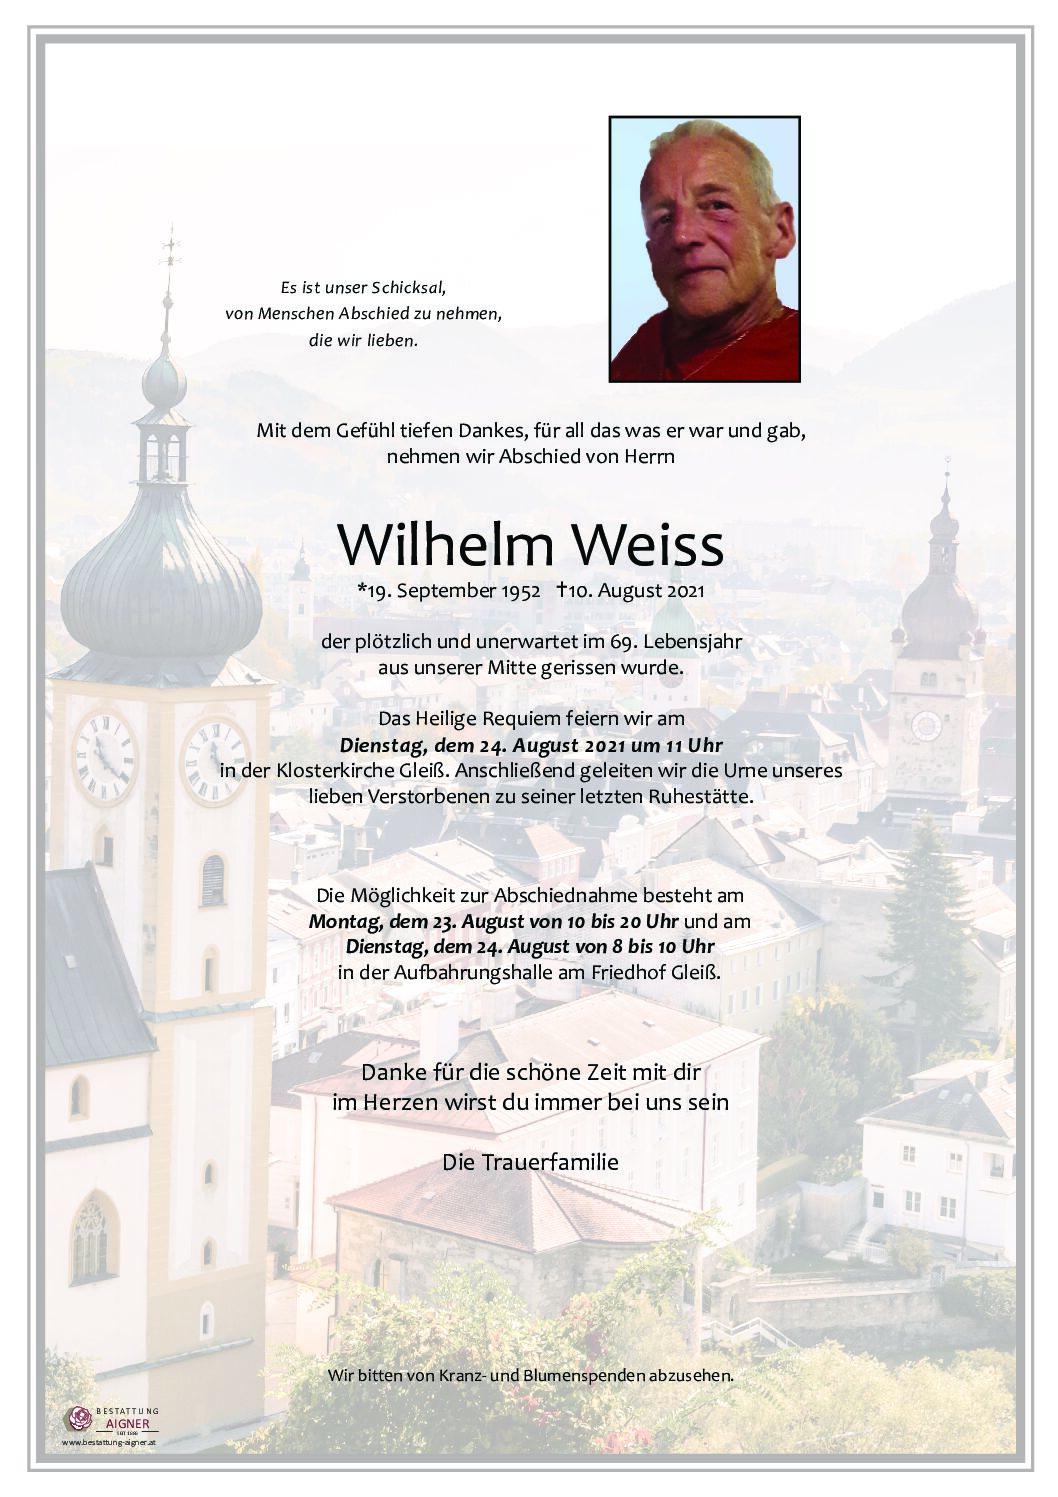 Wilhelm Weiss